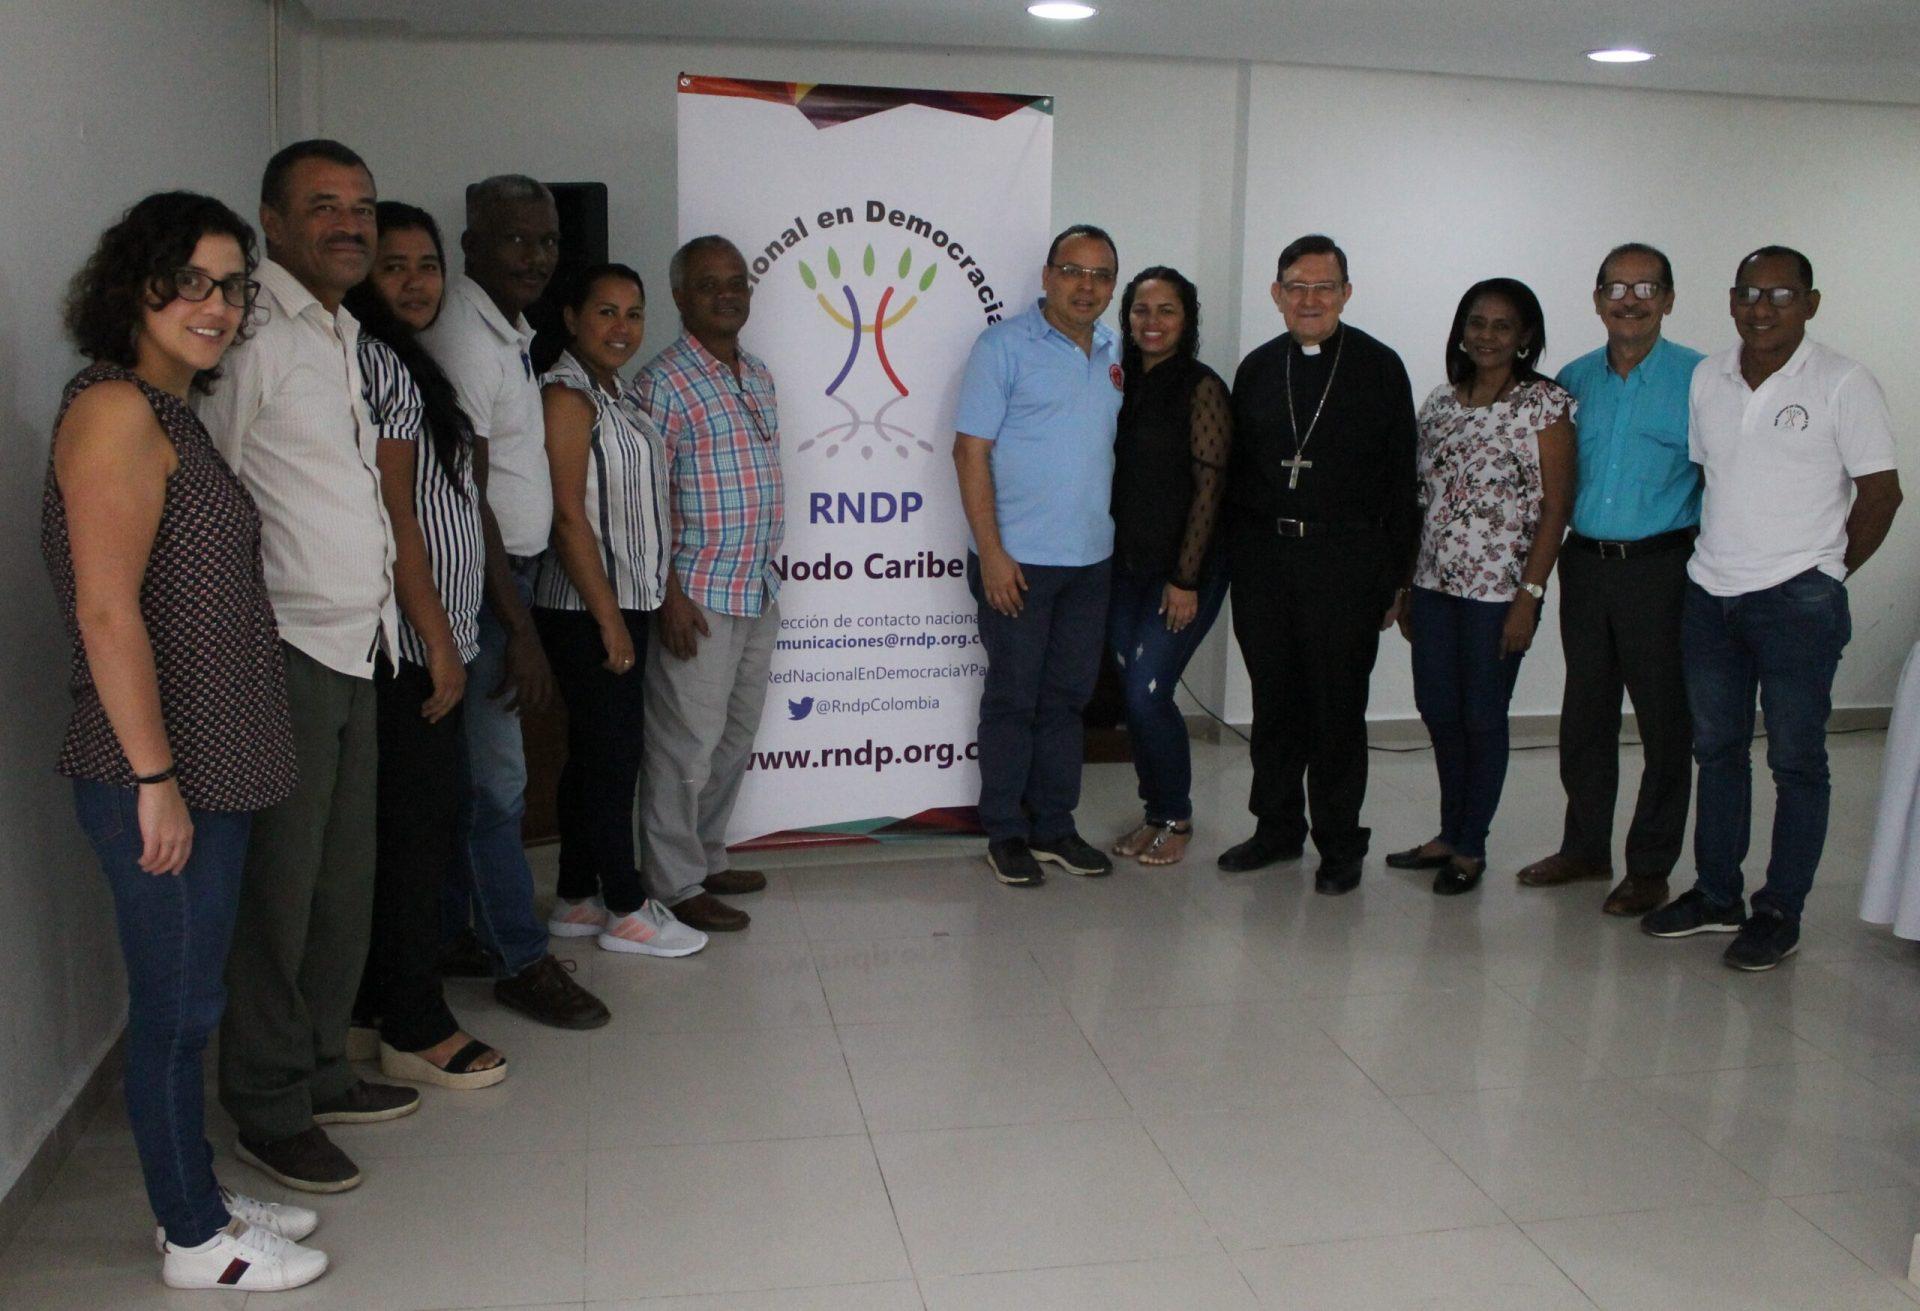 Segundo encuentro del Nodo Caribe 2019